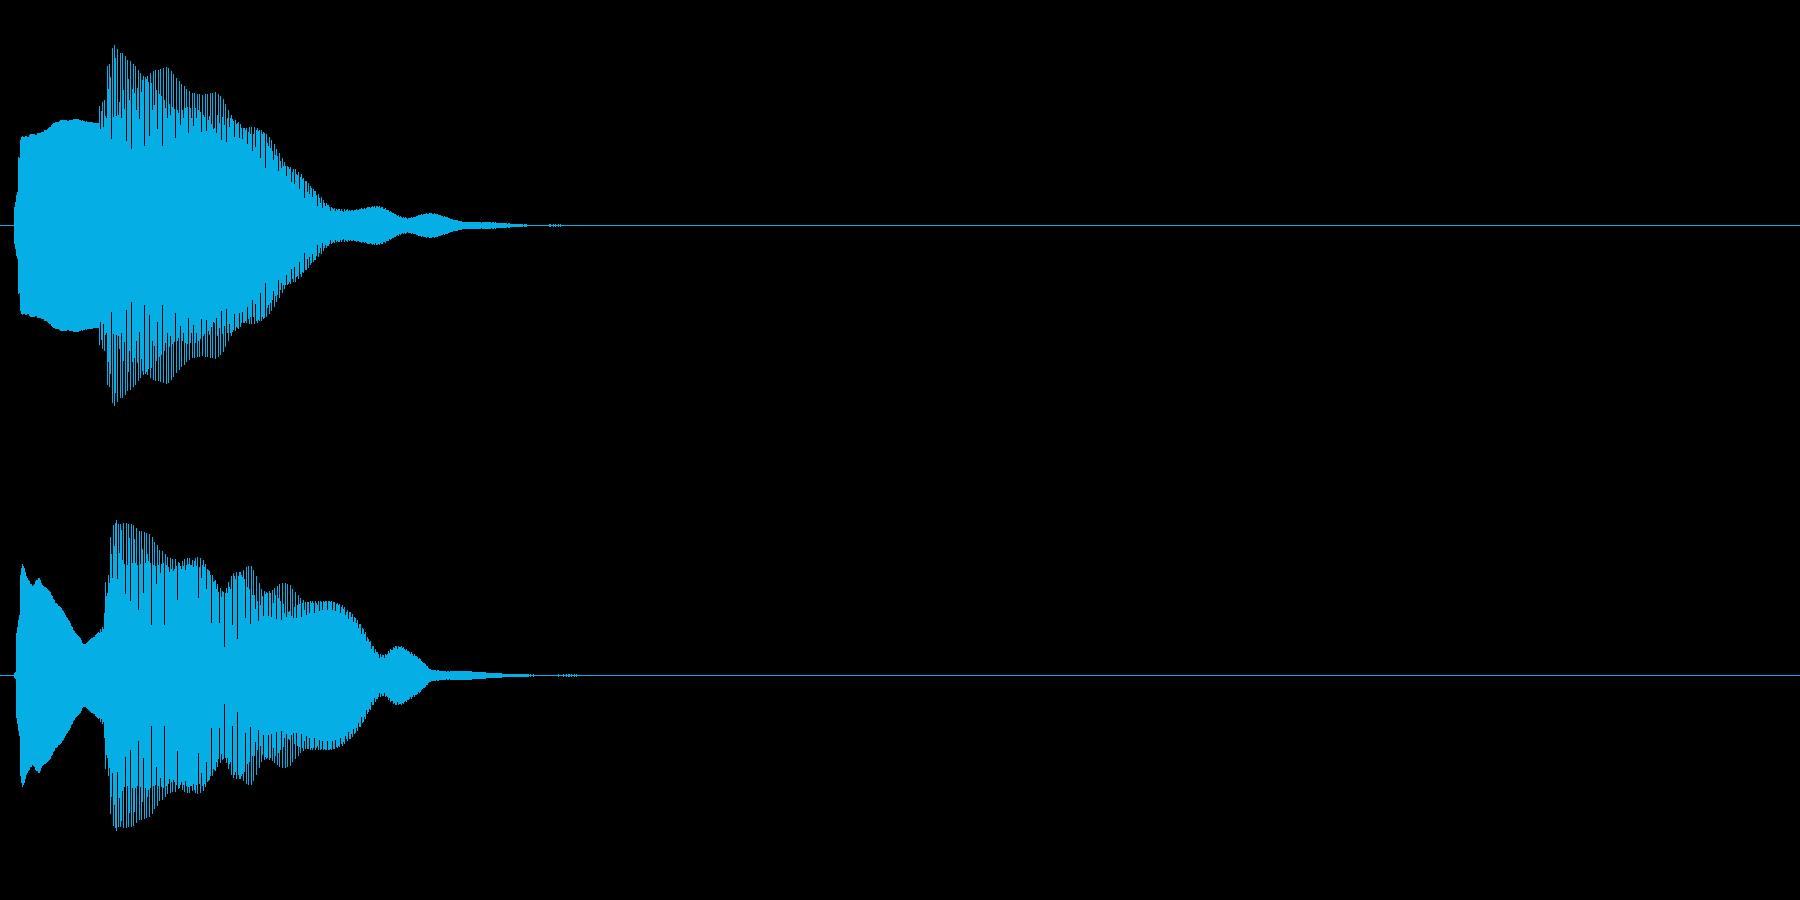 汎用 エレピ系04(小) キャンセル音の再生済みの波形